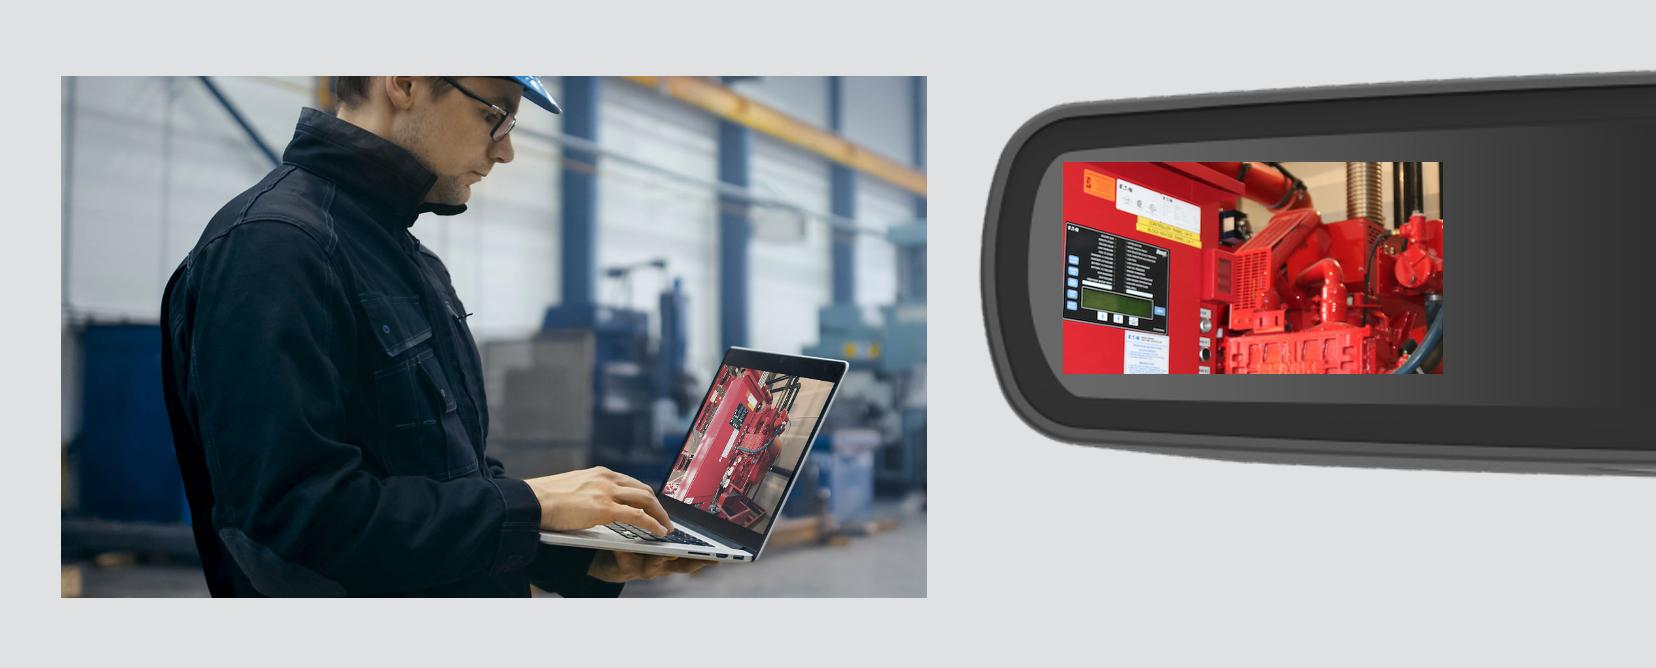 RealWear-HMT-1-Remote-Mentor-käyttöympäristö-ja-älylasinäkymä